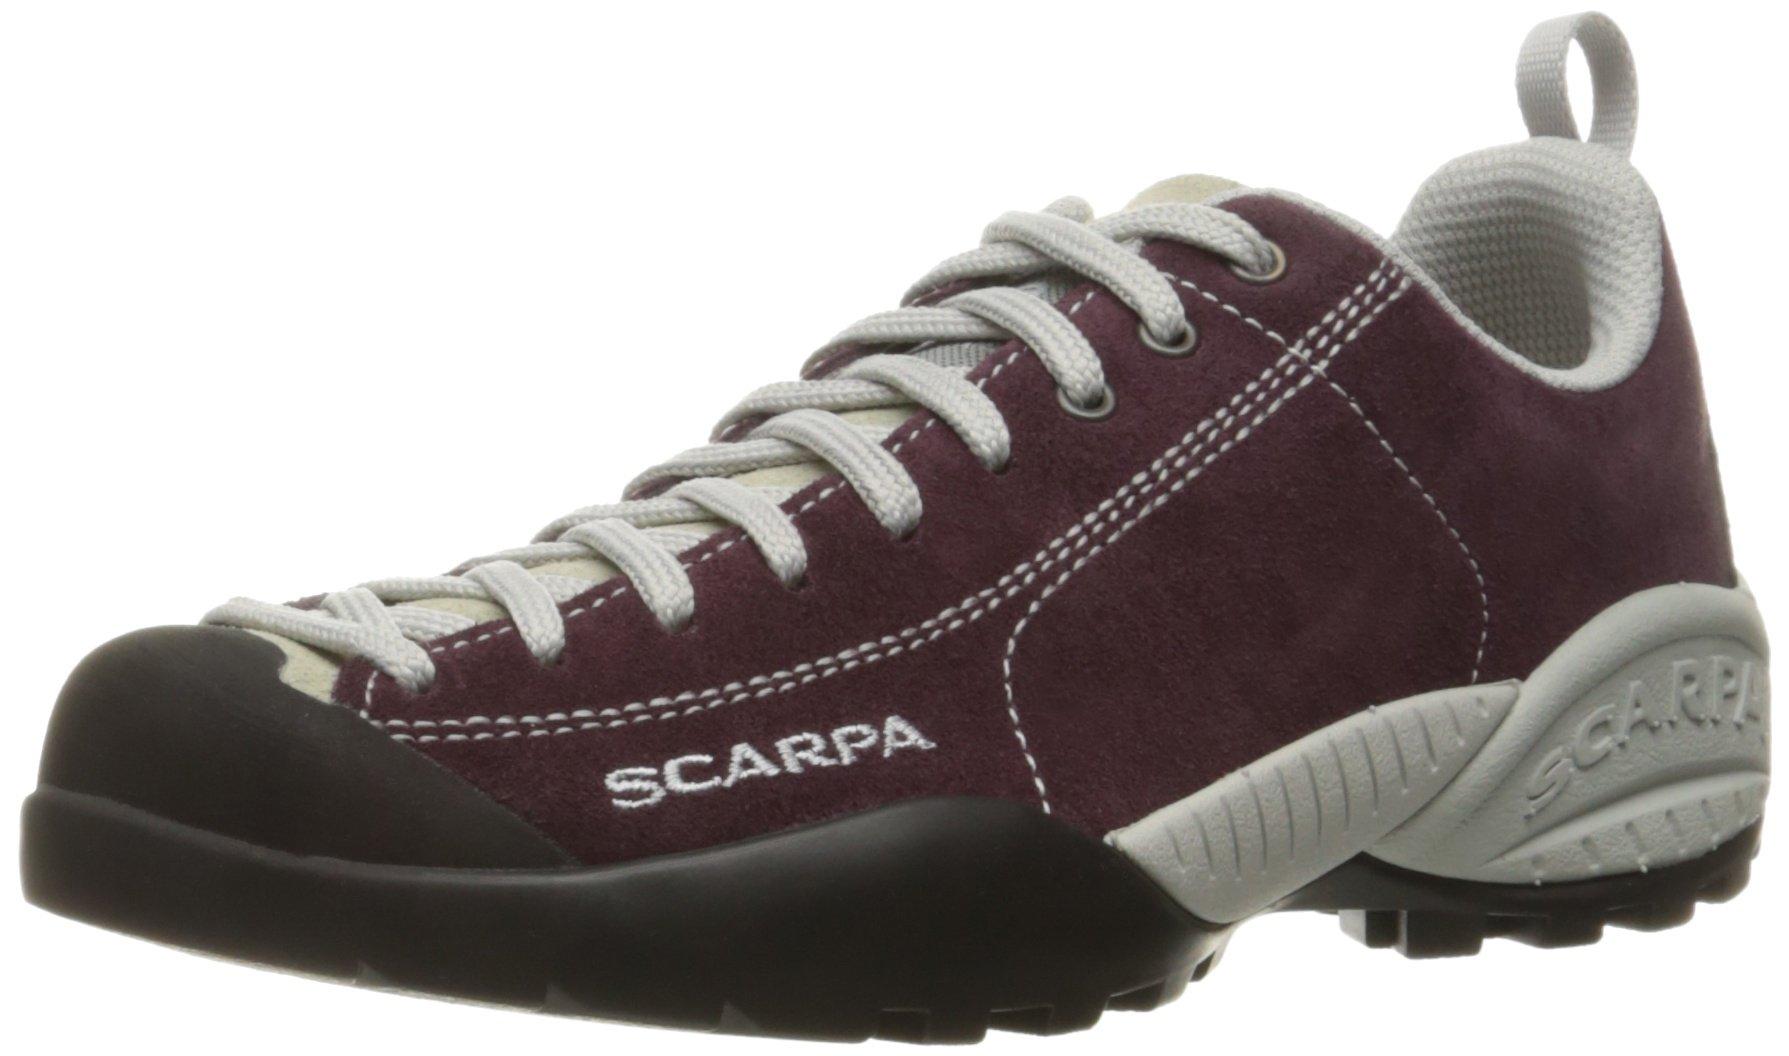 Scarpa Women's Mojito Casual Shoe, Temeraire, 39.5 EU/8 M US